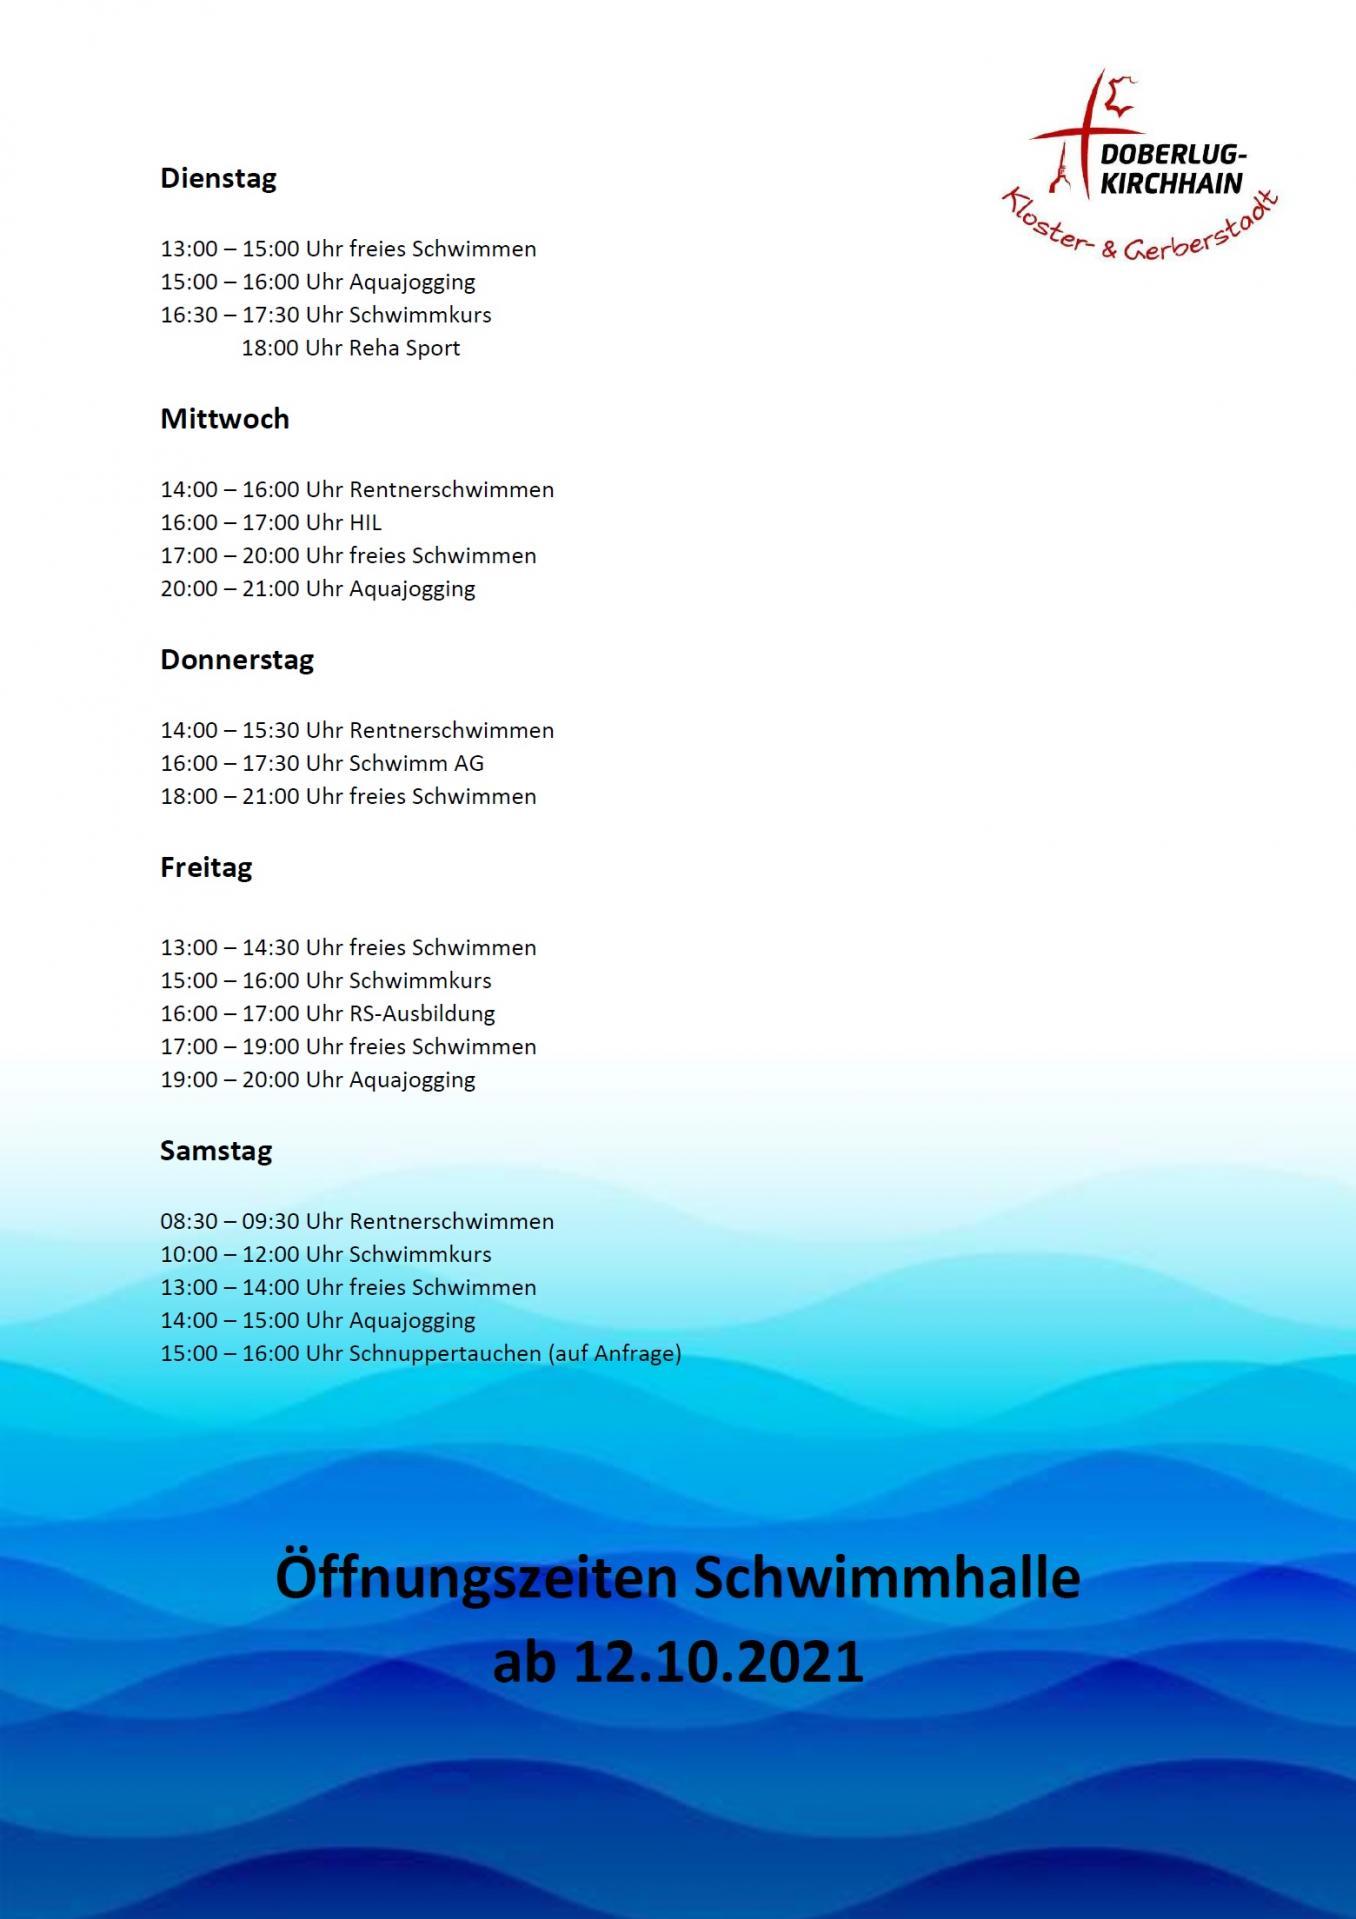 Öffnungszeiten ab 12.10.2021